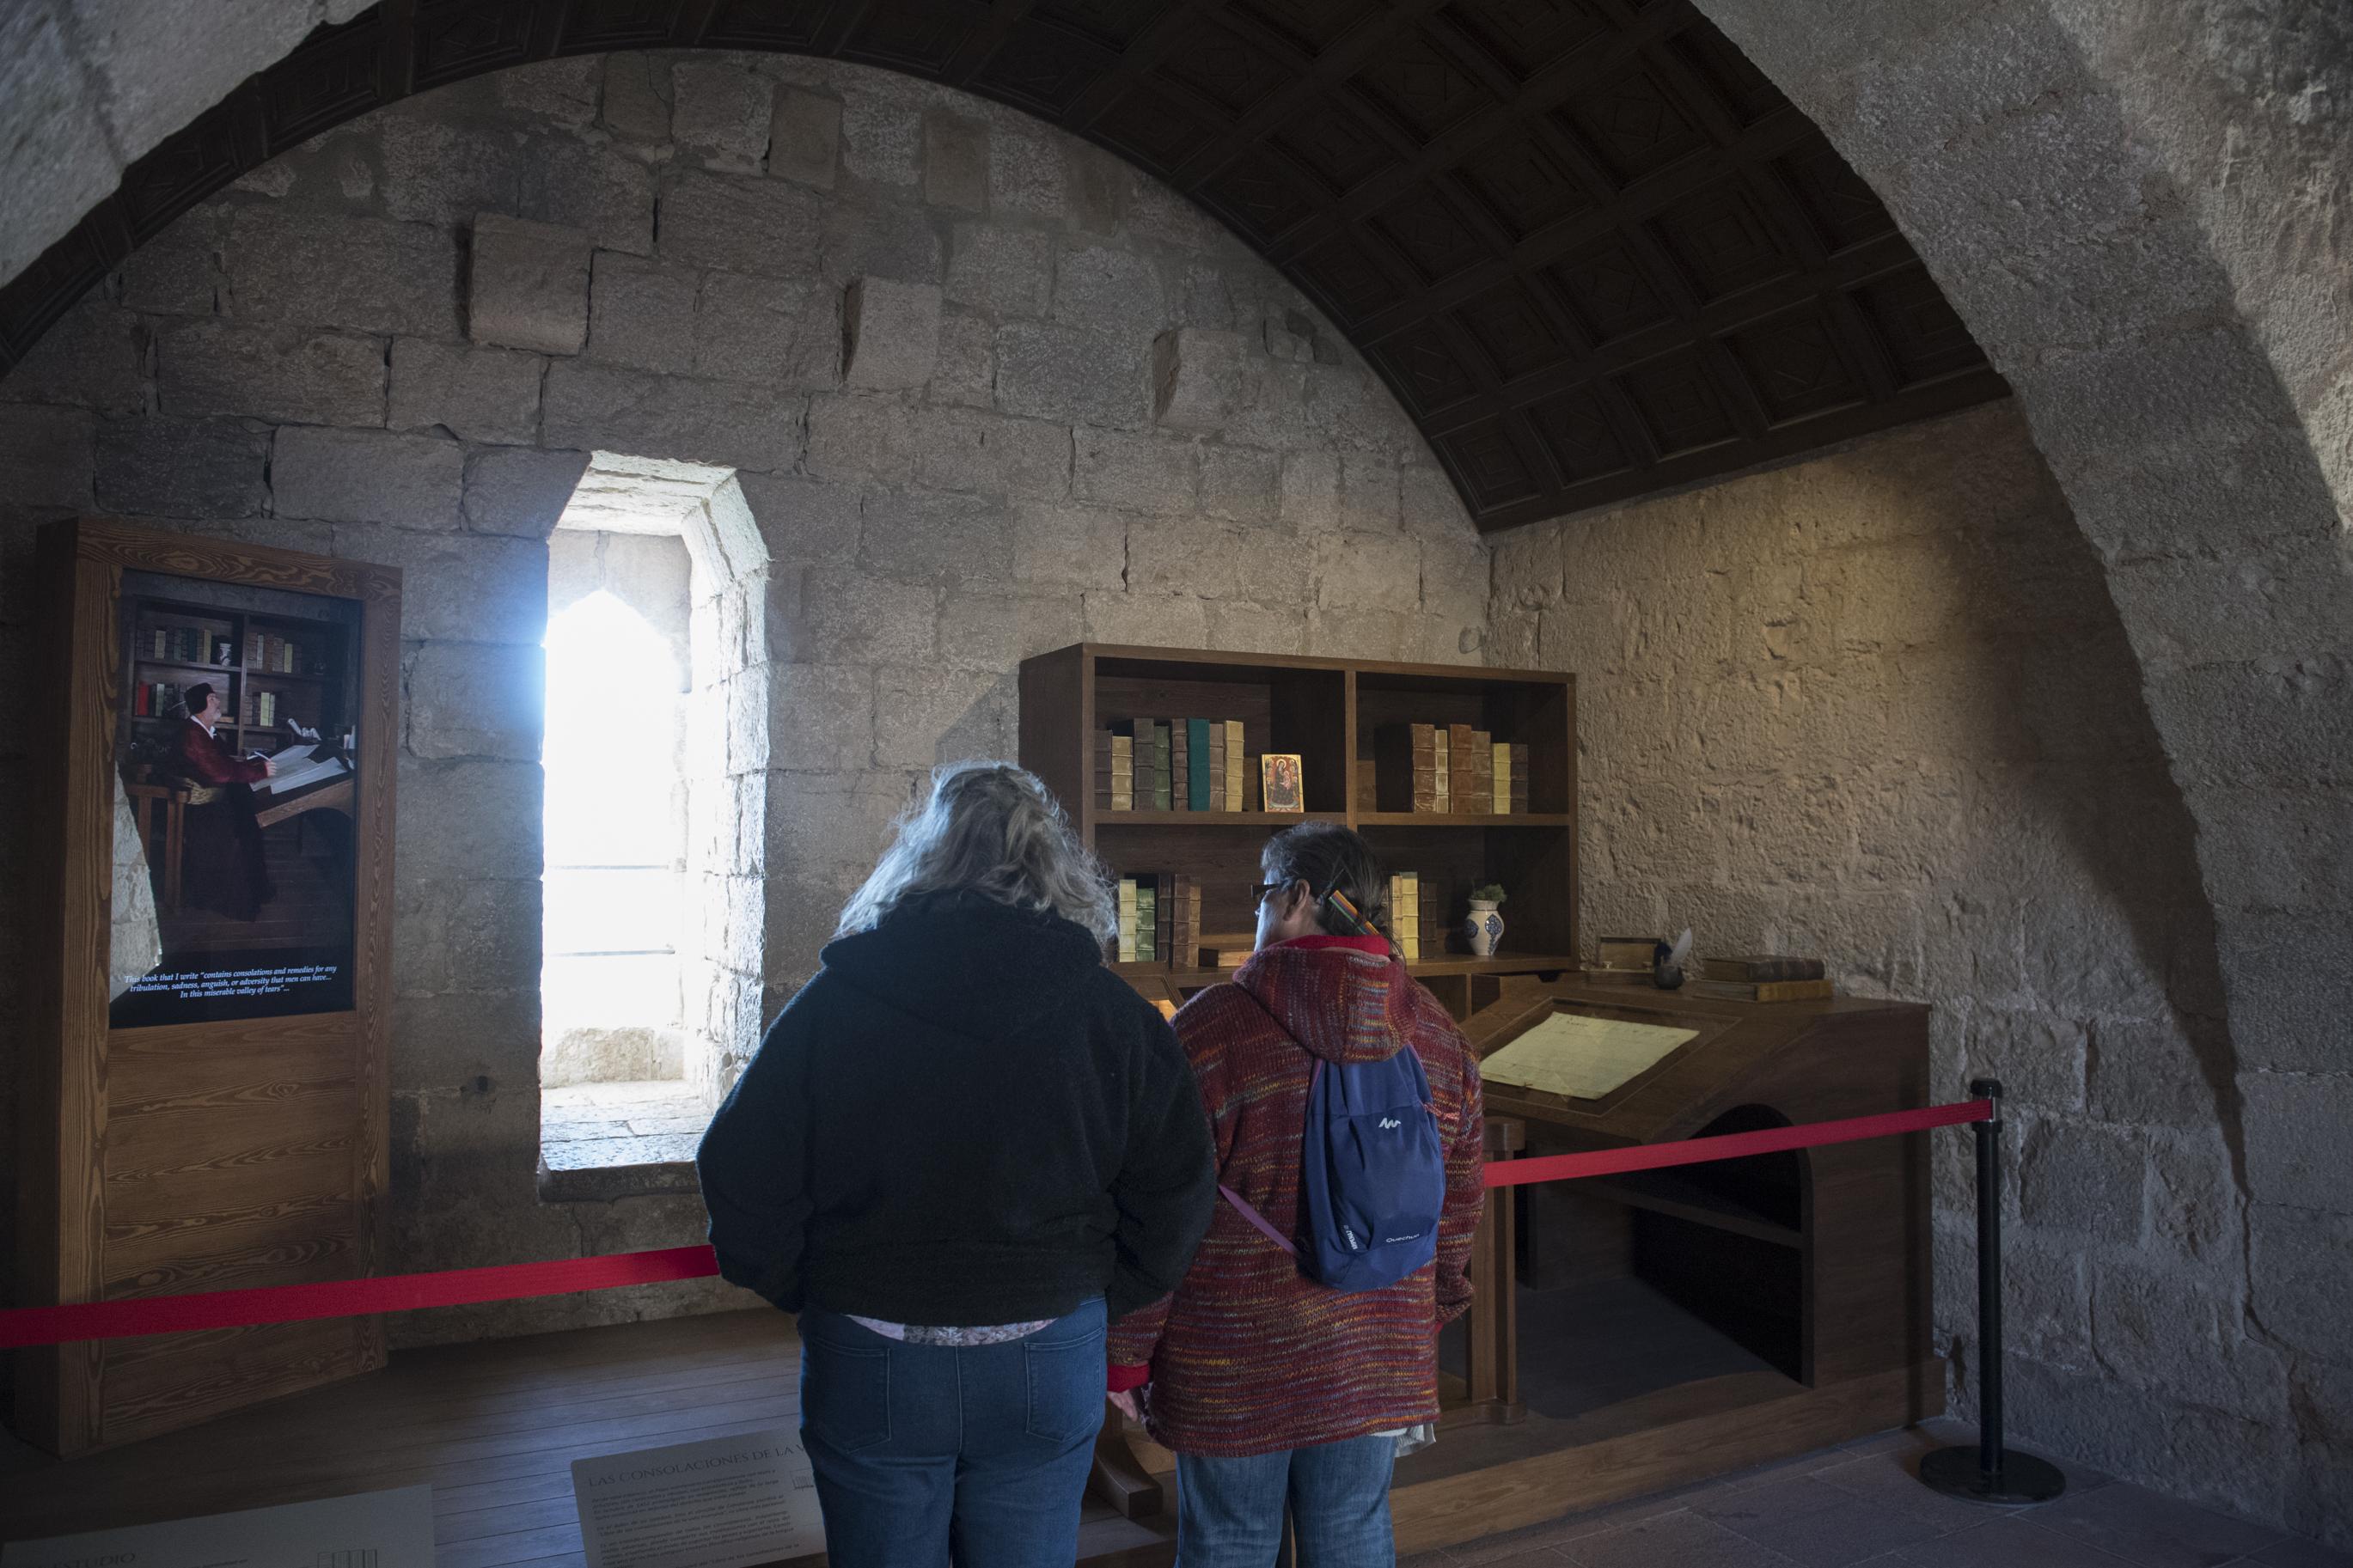 La Diputació invertirà gairebé 900.000 per seguir amb la preservació del Castell de Peníscola